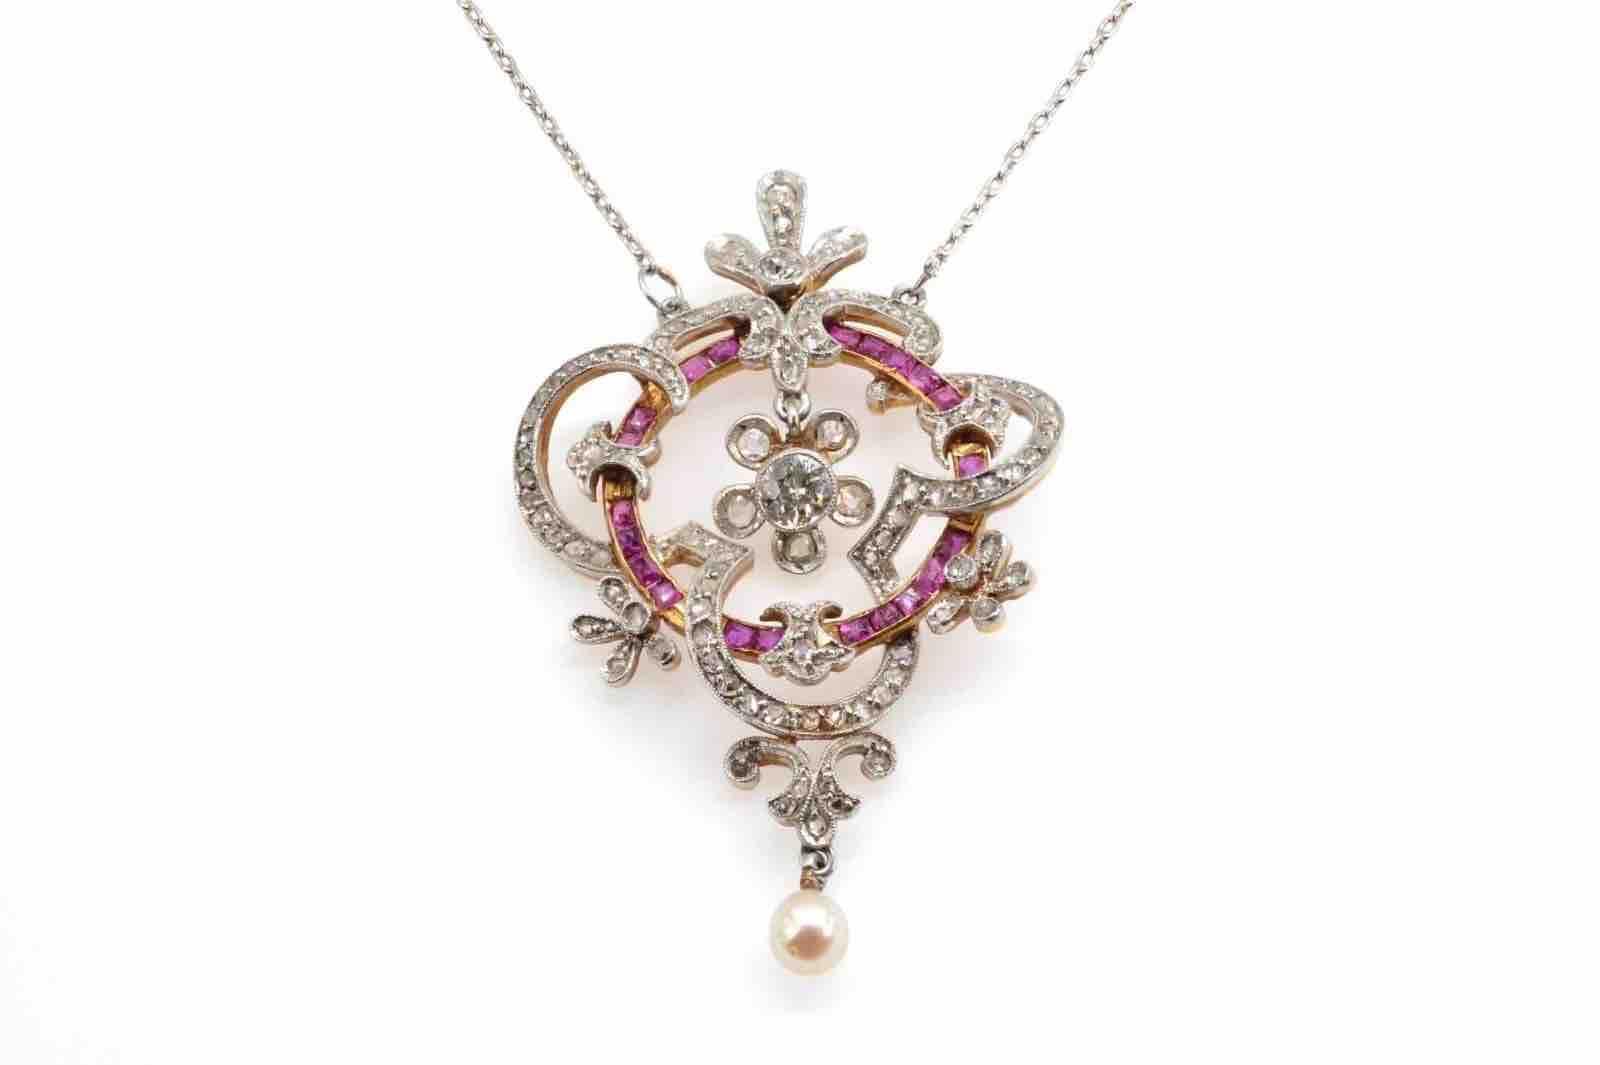 achat pendentif diamants rubis